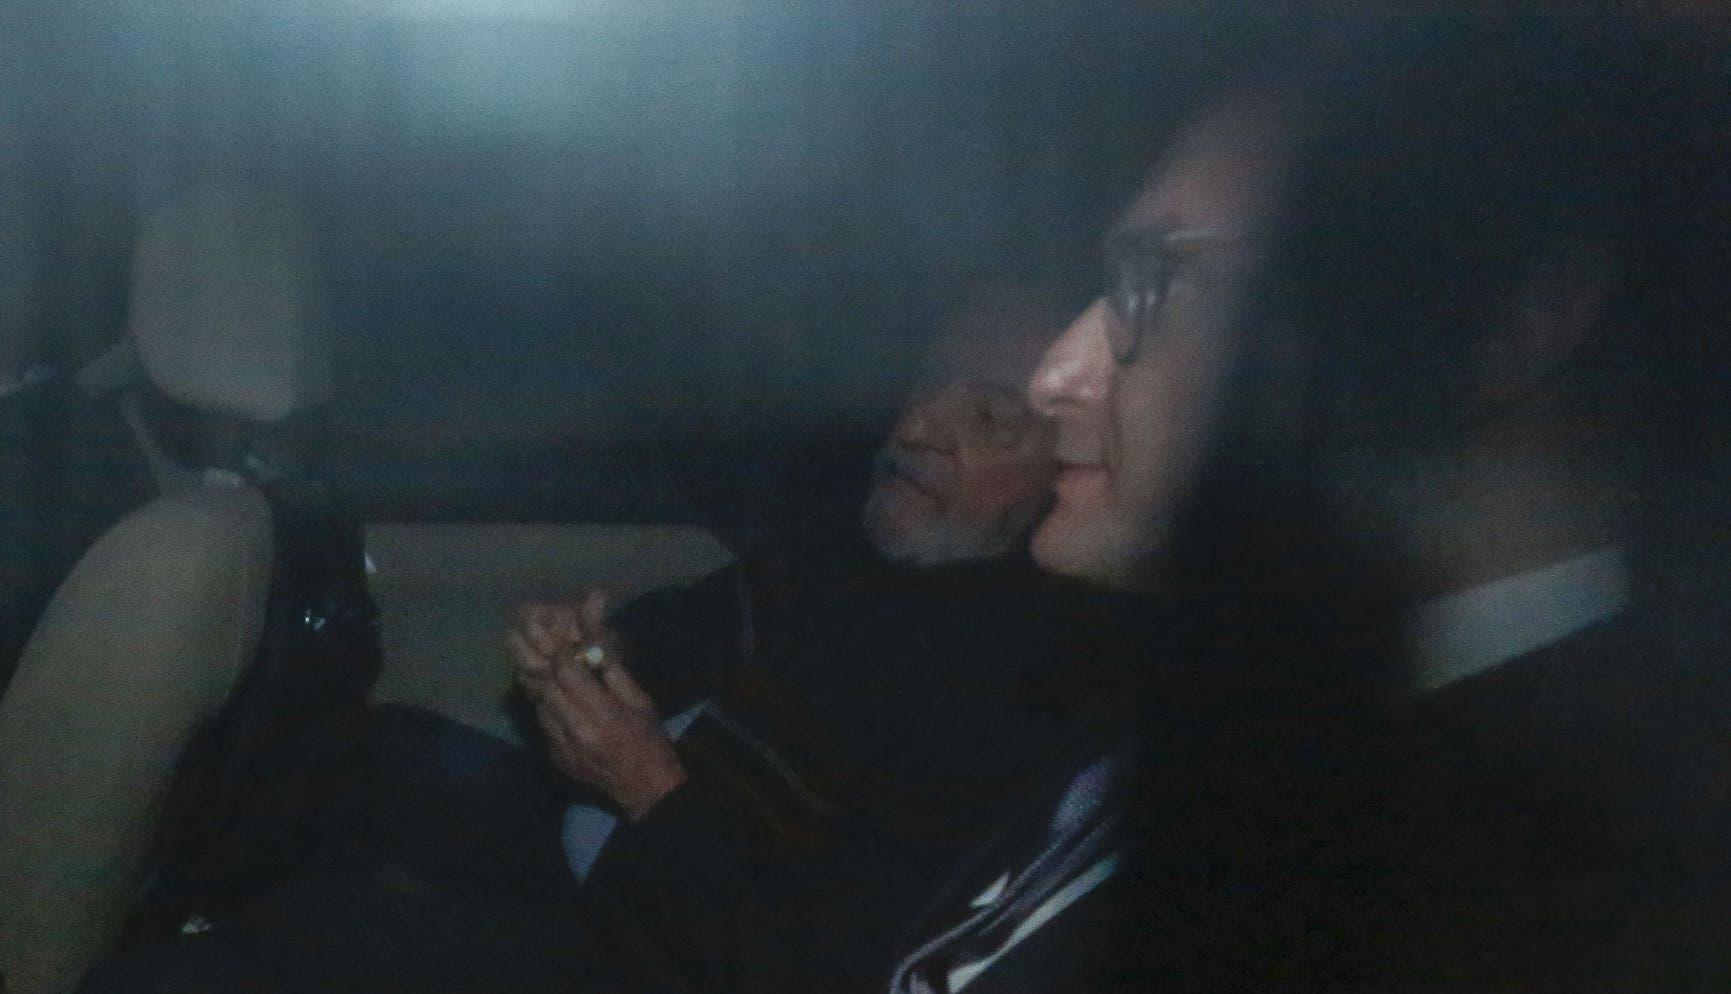 el expresidente de Brasil,  Luiz Inacio Lula da Silva y su abogado l Cristiano Zanin Martins (C), llegan al edificio del Instituto Lula en Sao Paulo. AFP